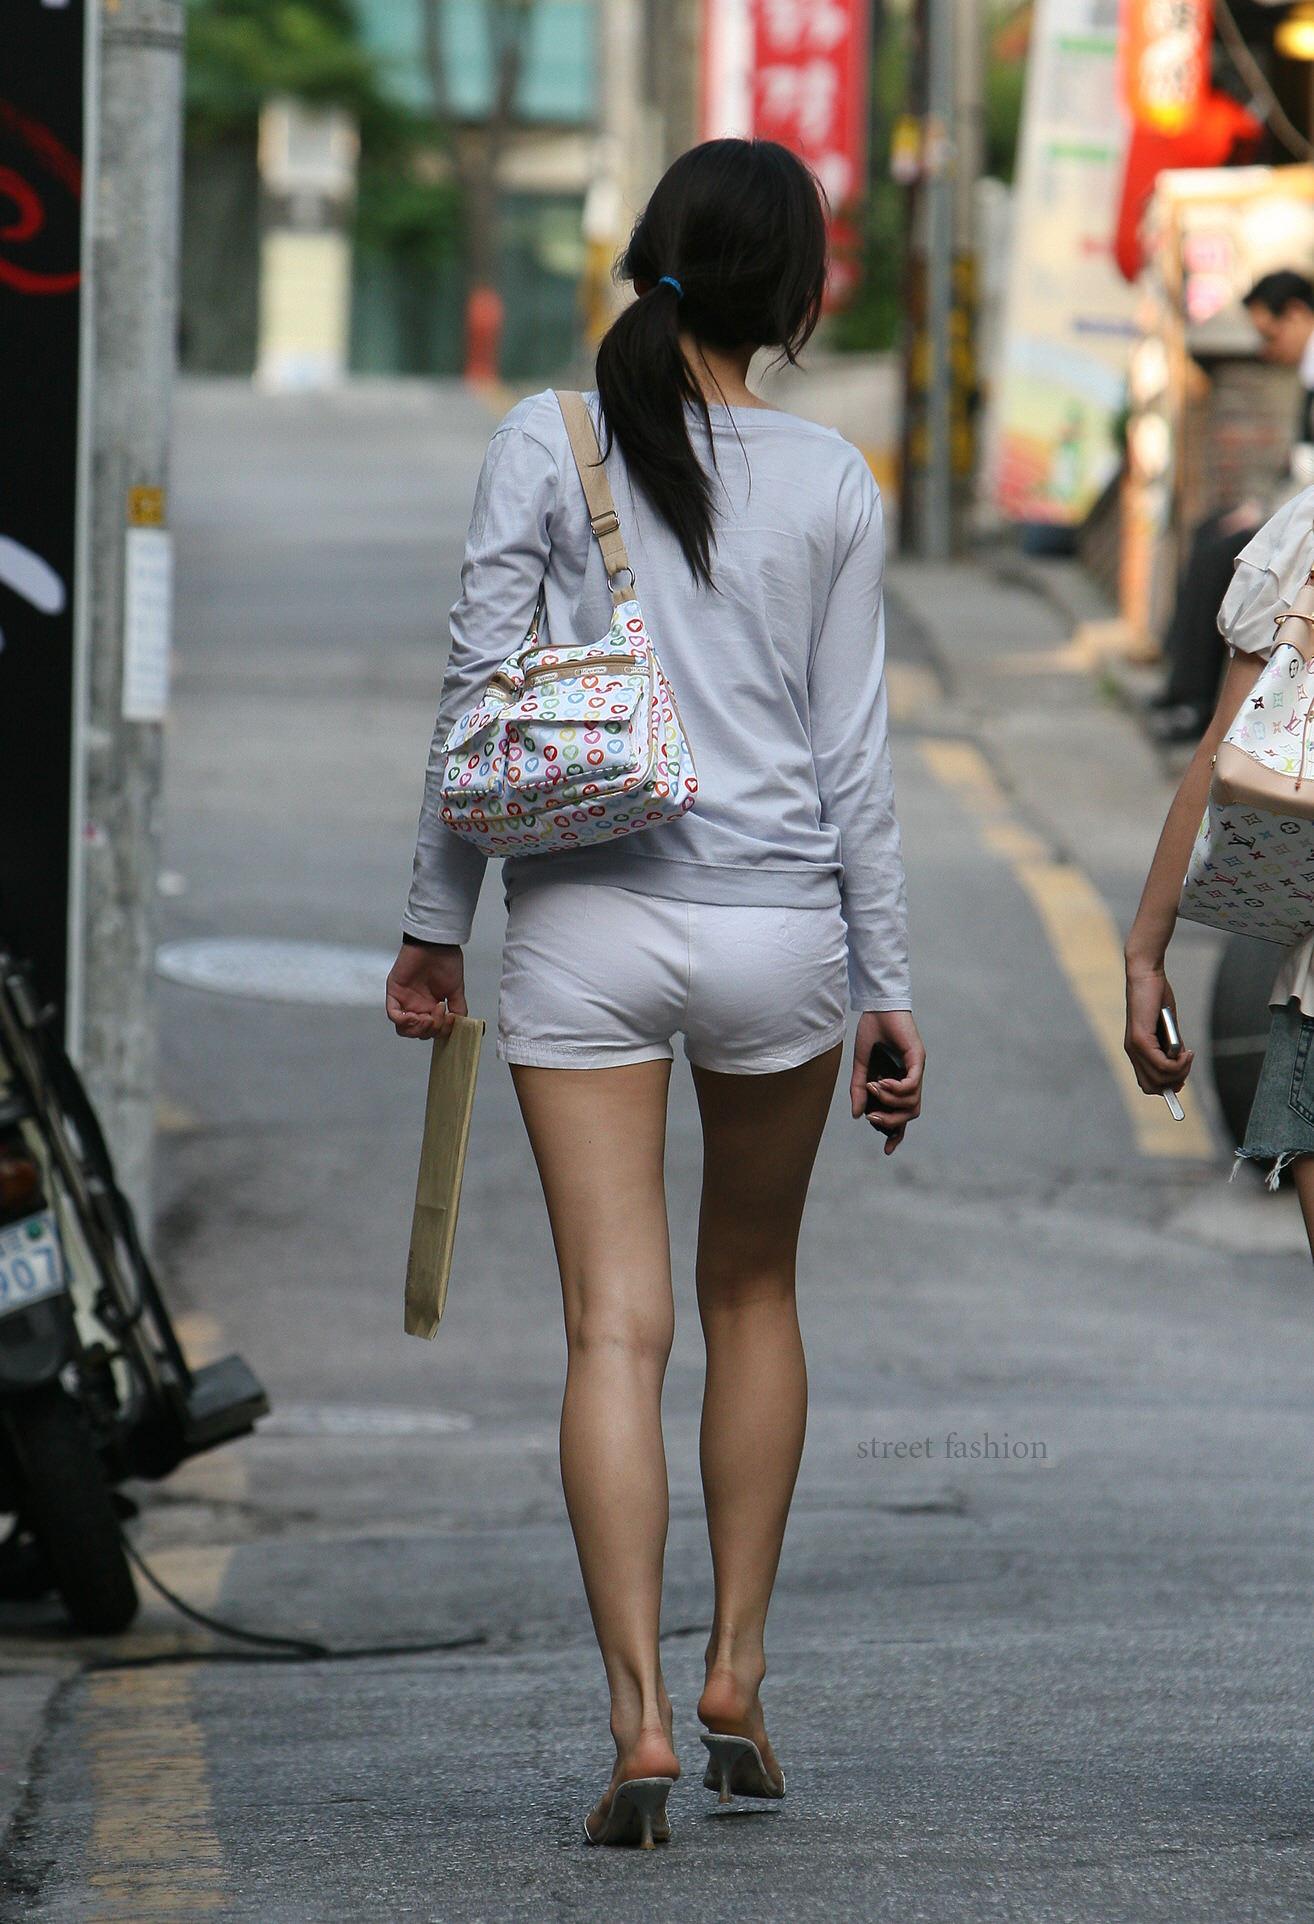 プリプリした綺麗なお姉さんのお尻を隠し撮りした街撮りエロ画像 11104